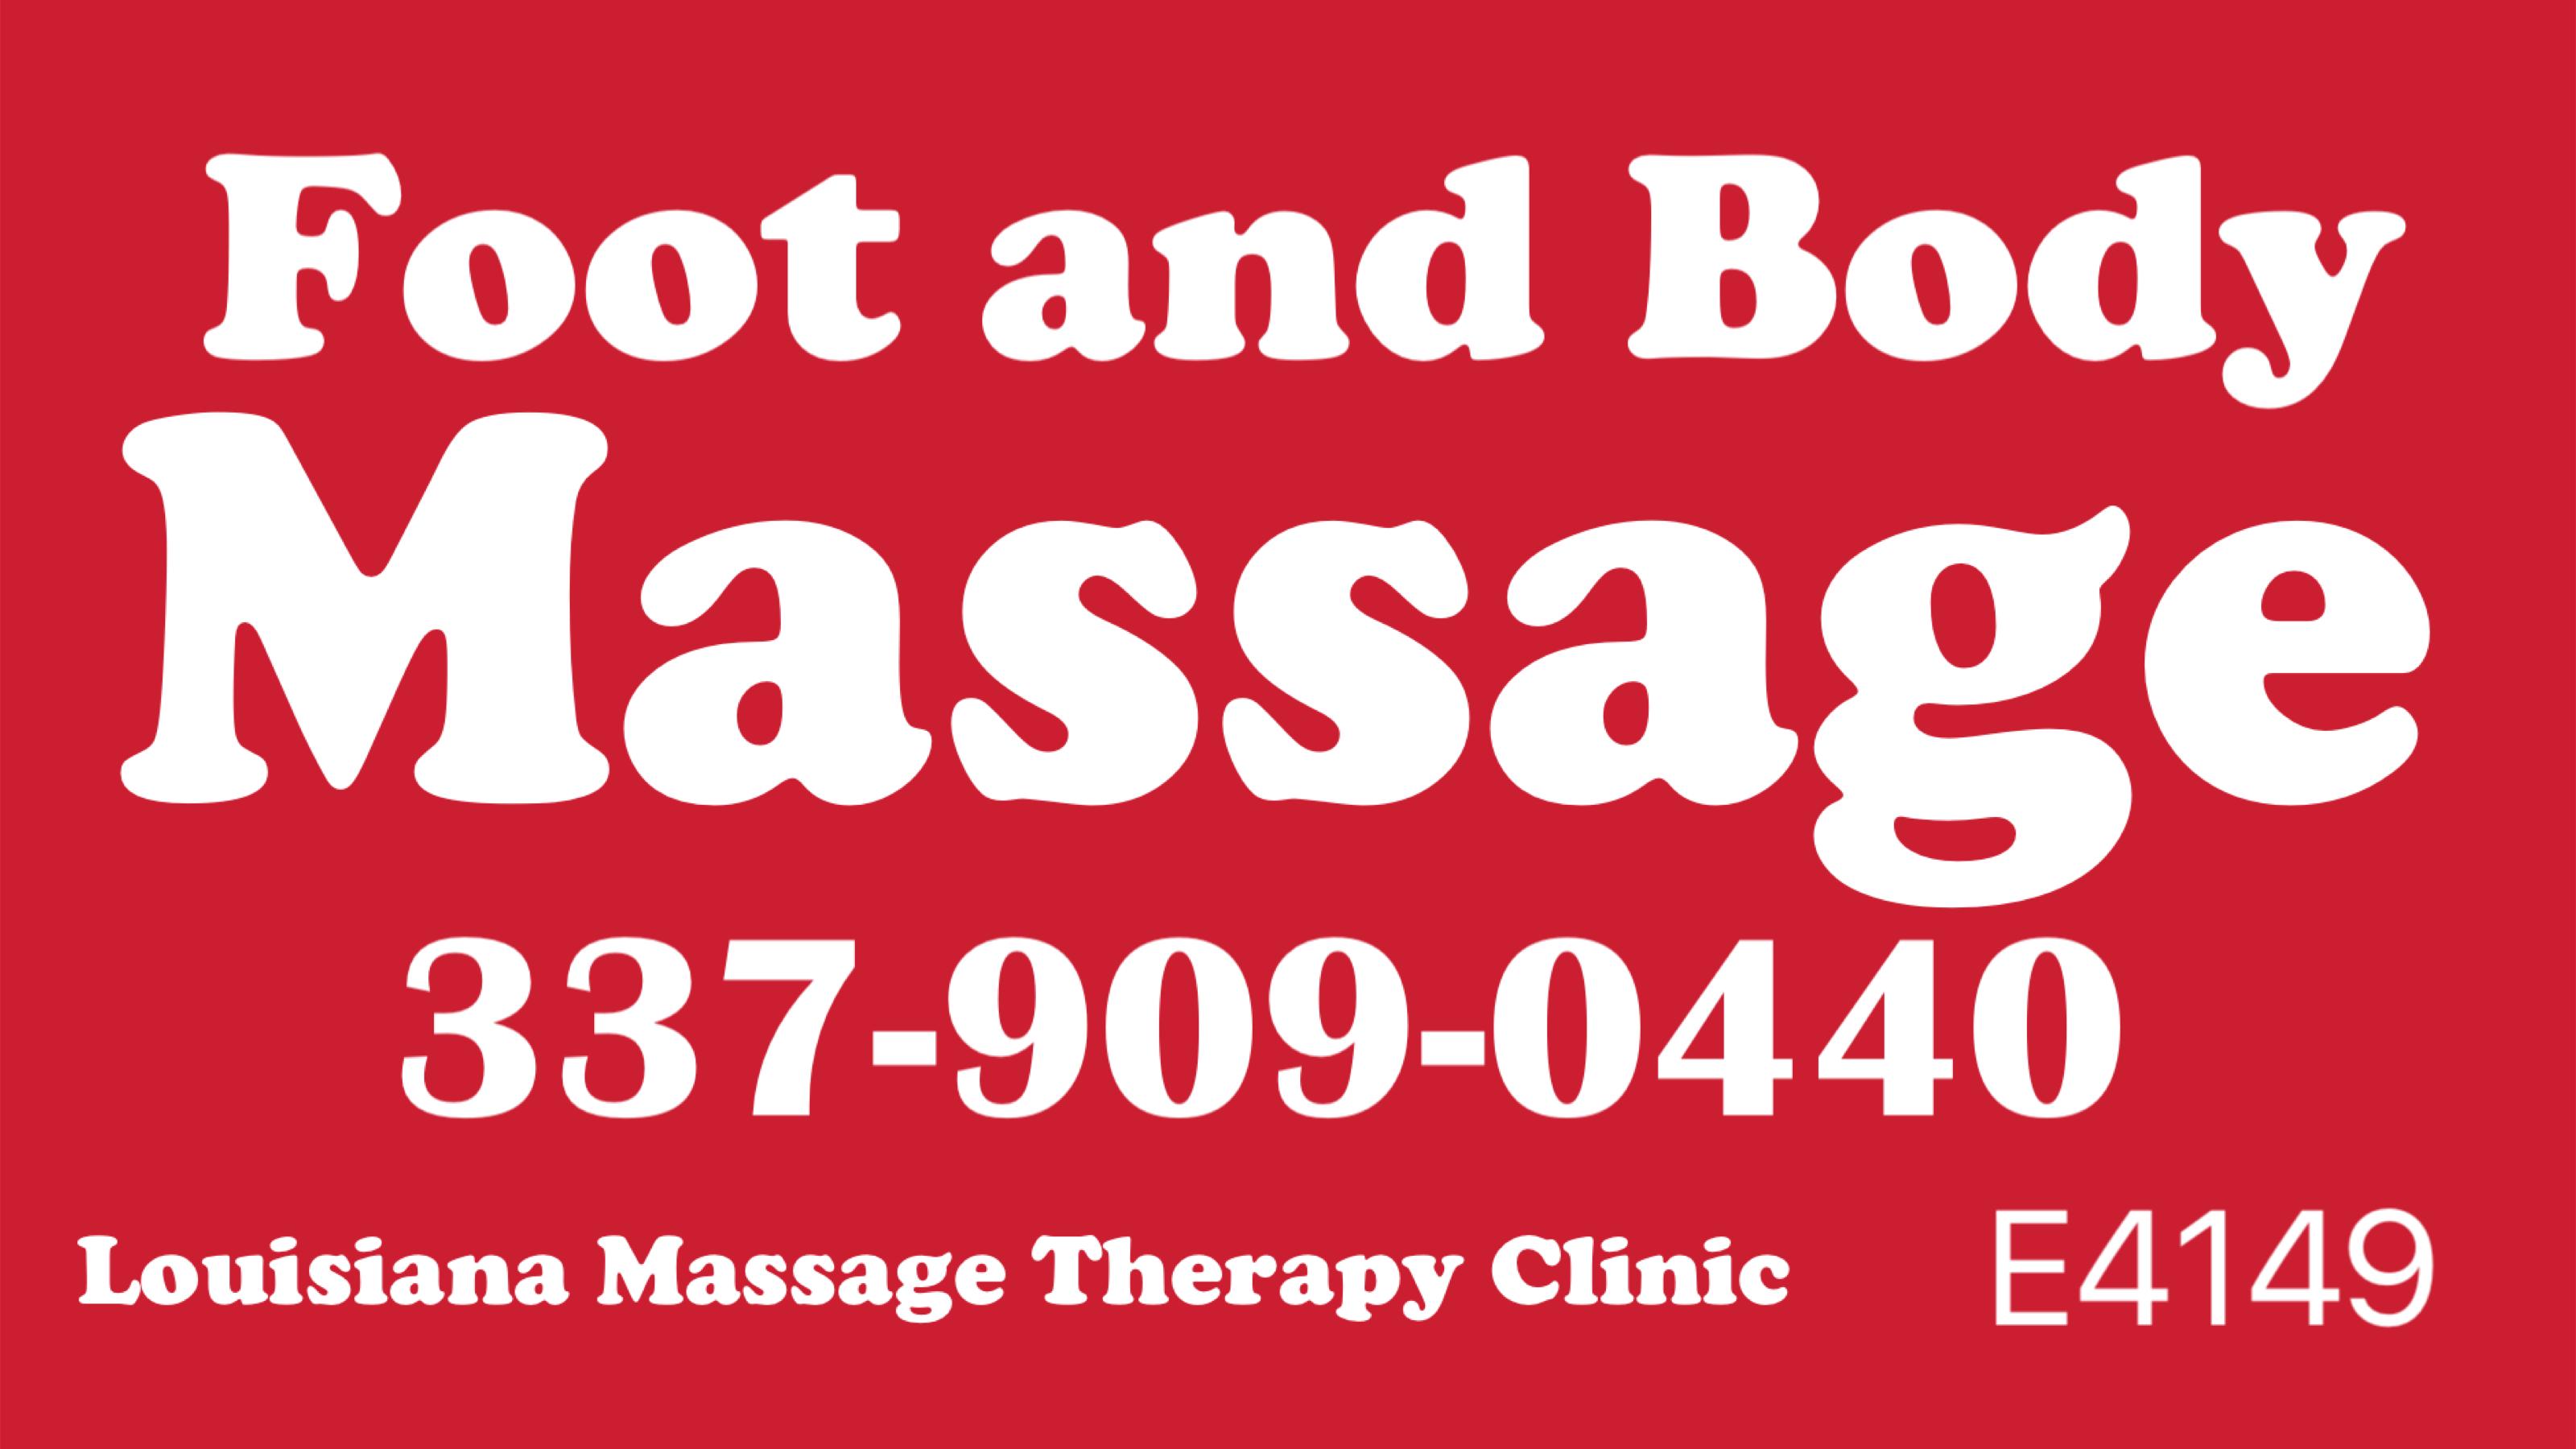 Lafayette Massage Therapy